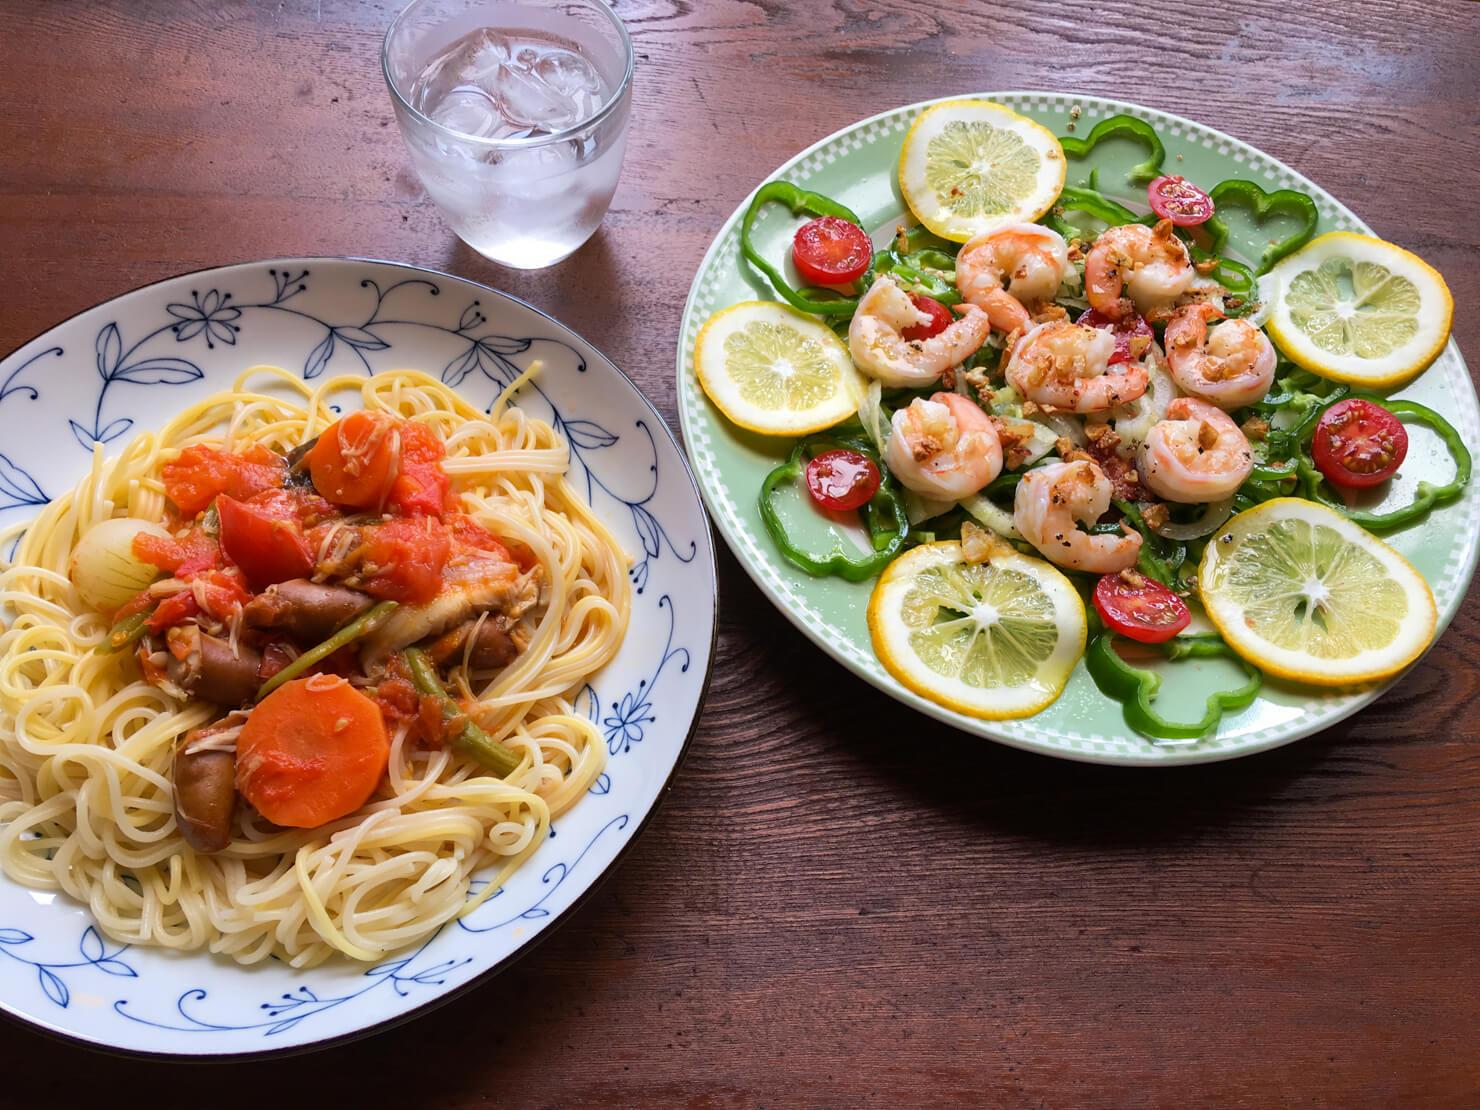 生ピーマンとエビのカルパッチョ中心の昼御飯の写真